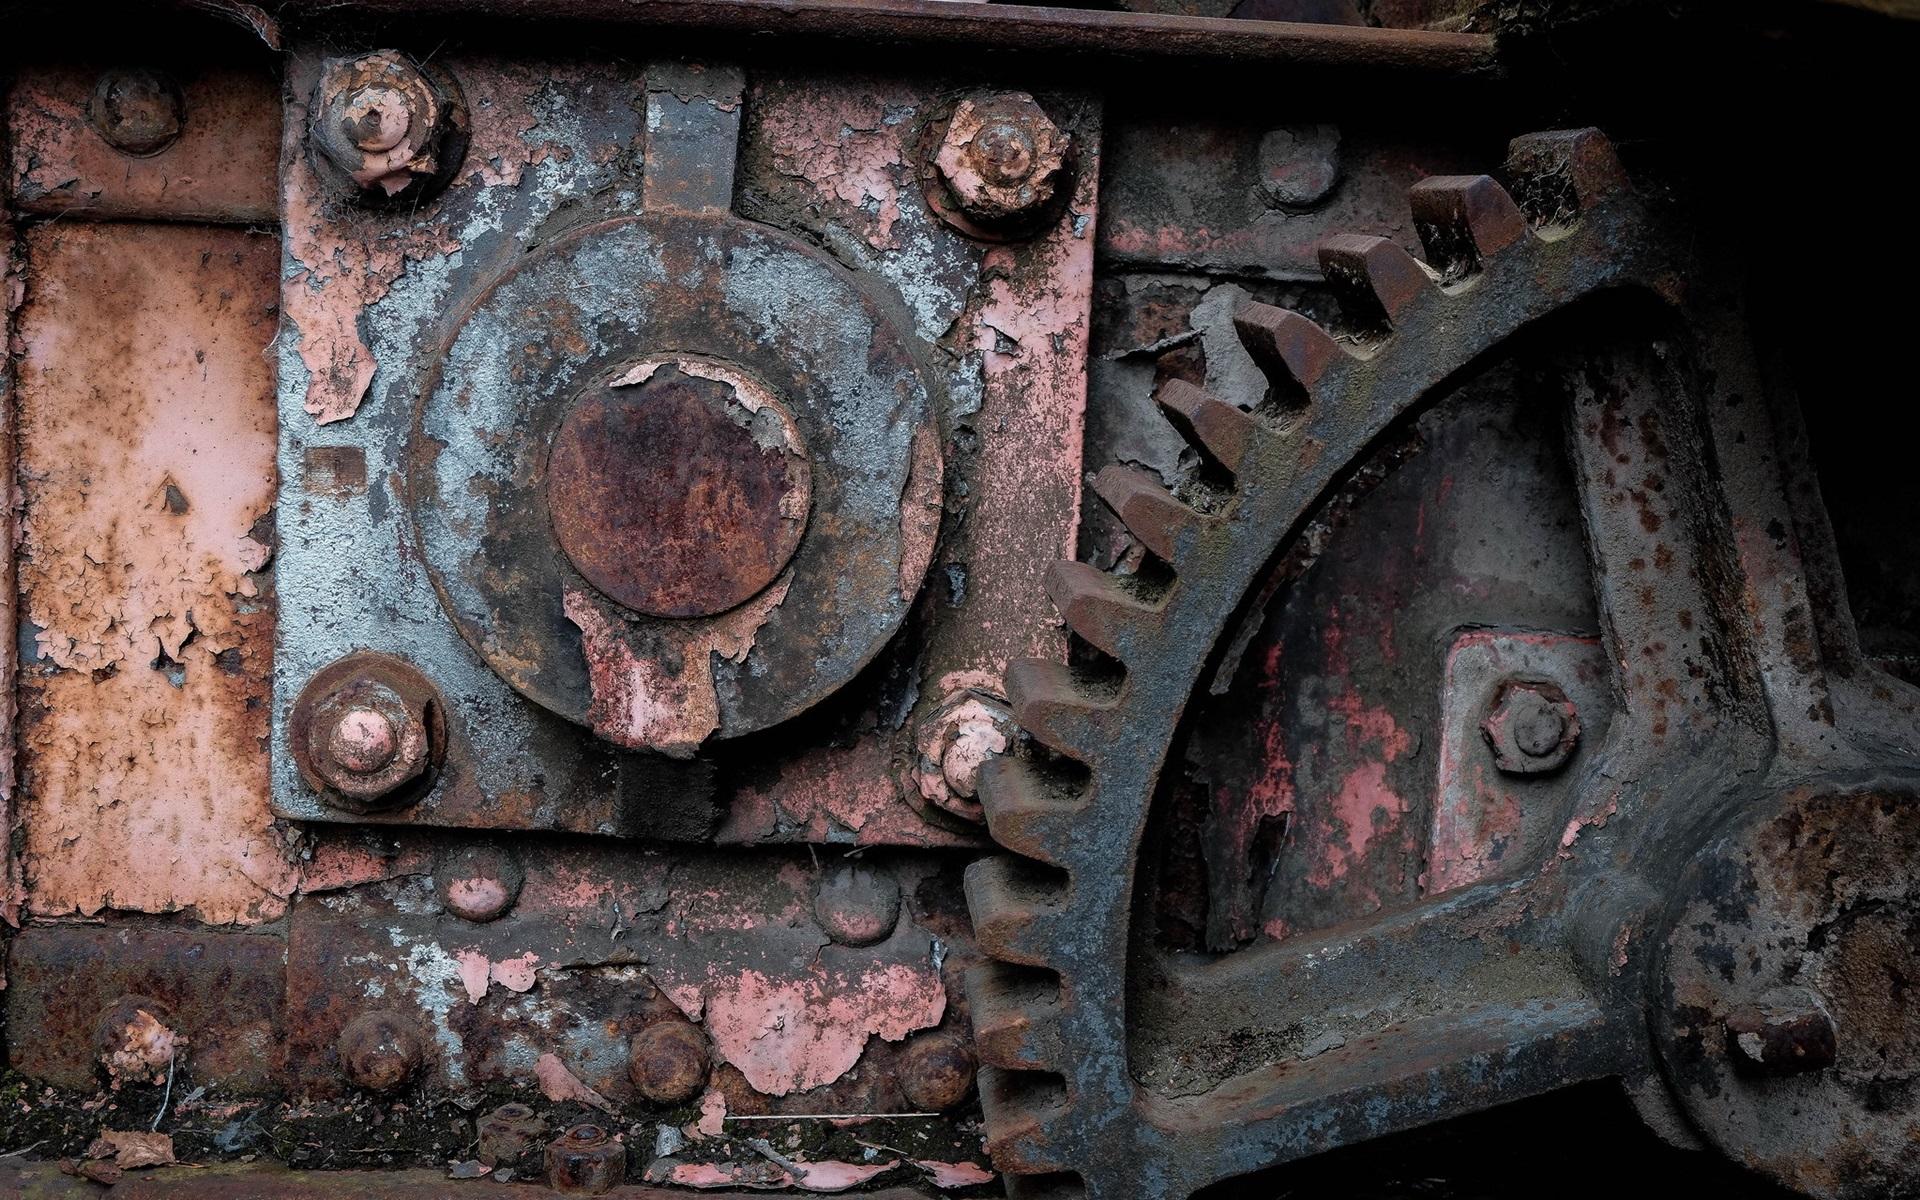 壁紙 産業機械 錆 歯車 1920x1200 Hd 無料のデスクトップの背景 画像